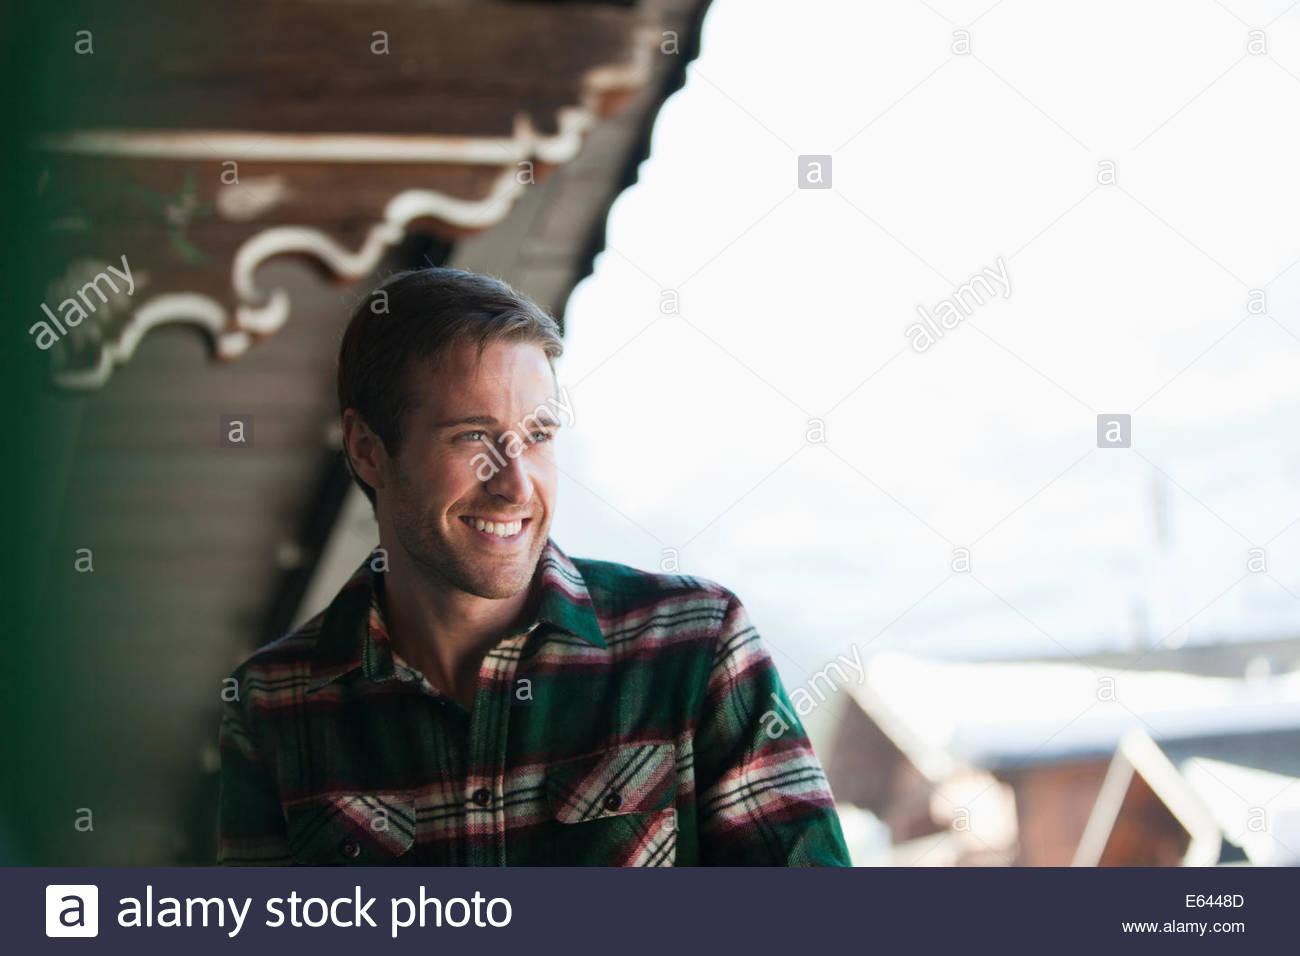 Mann lachend auf der Veranda der Hütte Stockbild